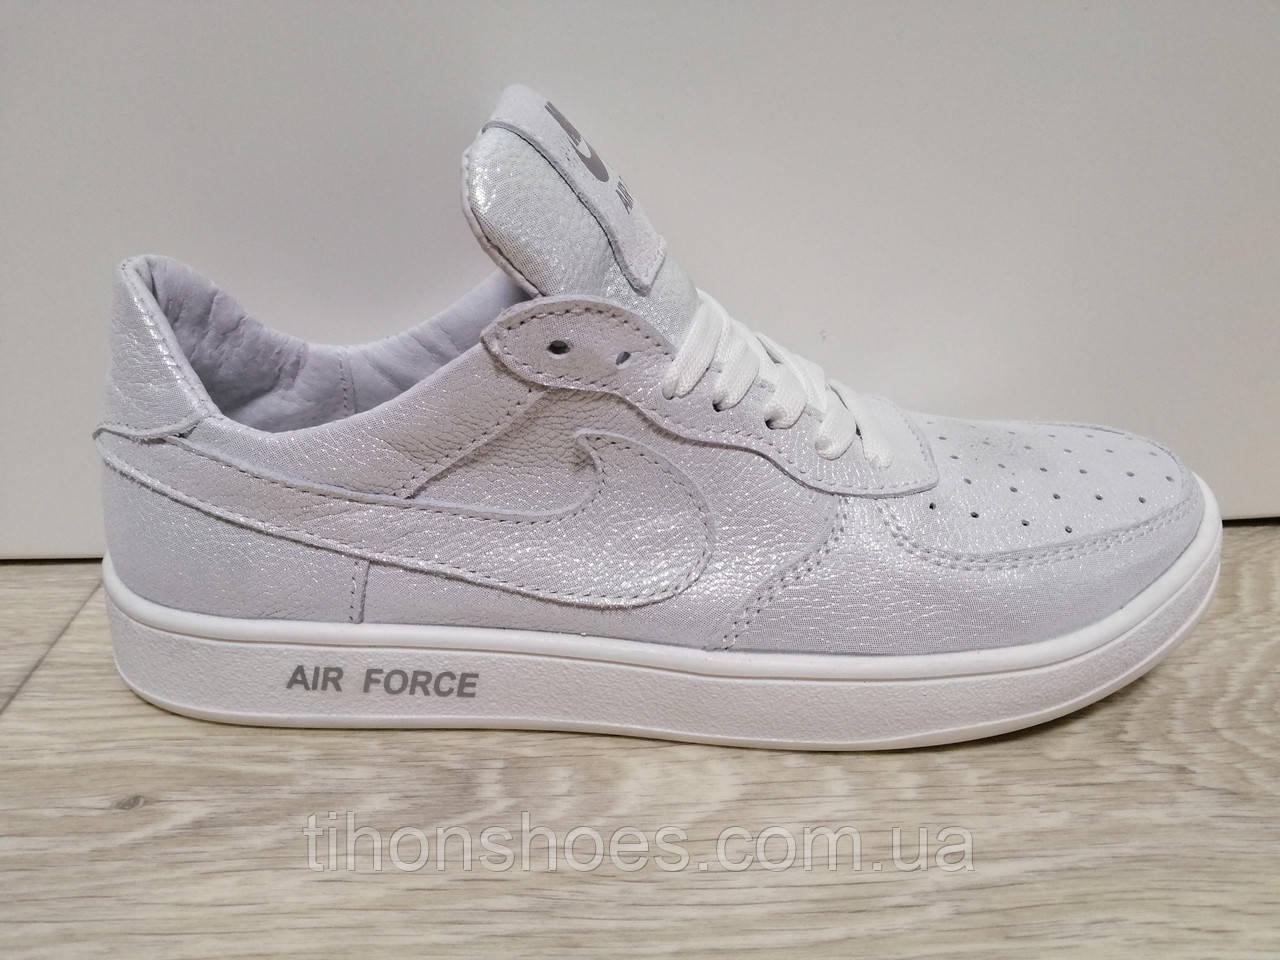 1a37fc68 Кроссовки Женские Найк Блестящие Белые Кожаные Повседневные Nike — в ...